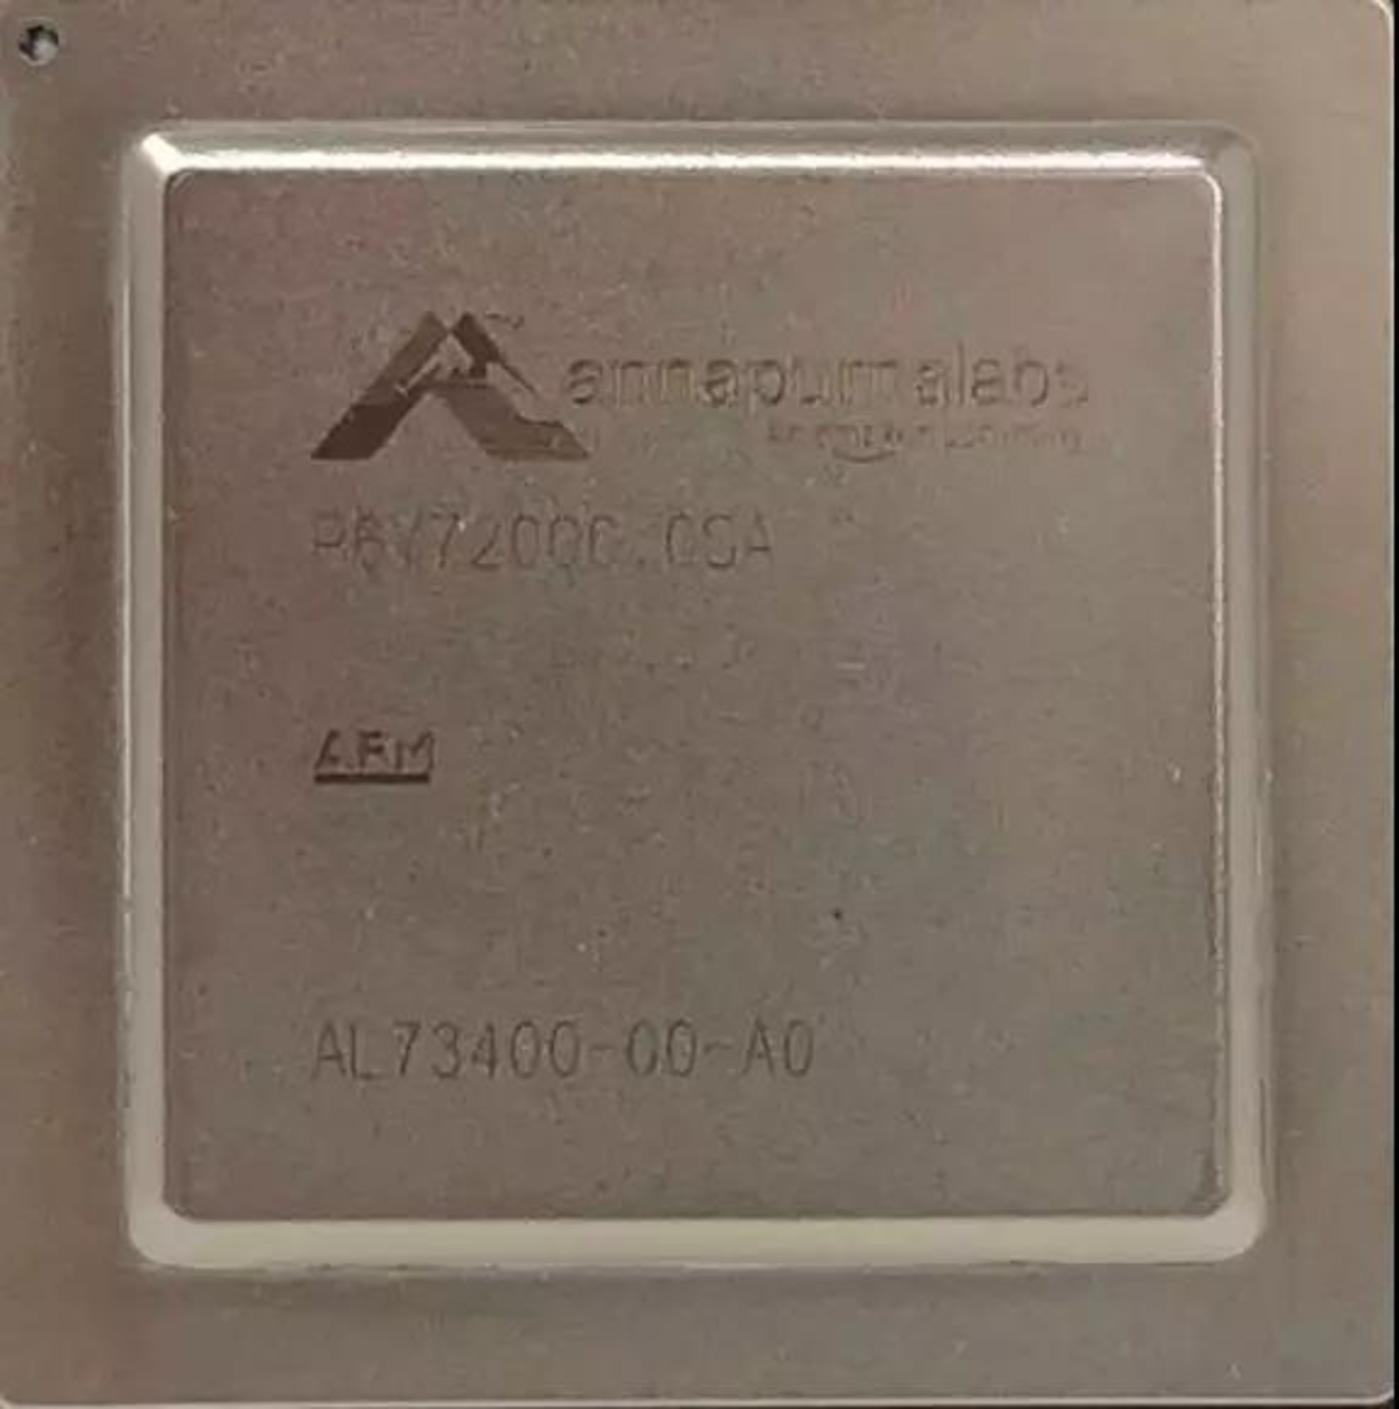 Graviton:亚马逊基于Arm架构的CPU